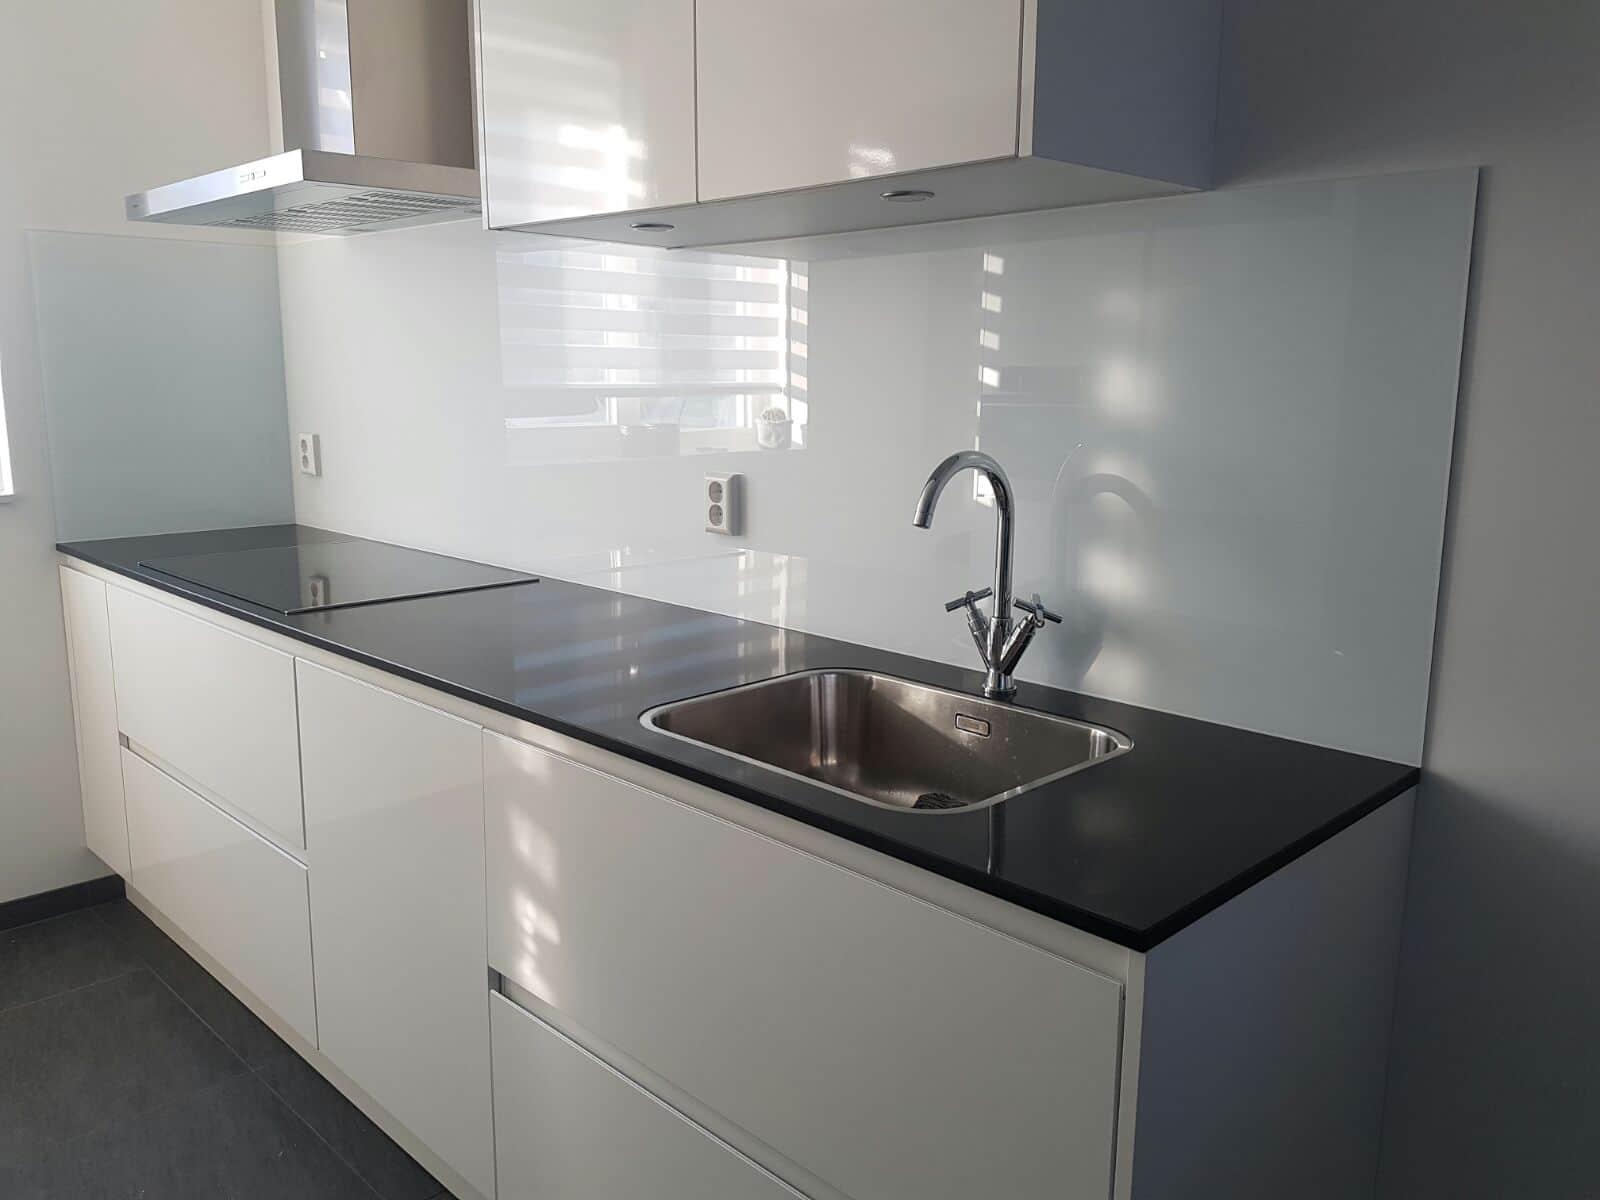 Glazen Keuken Achterwand : Keuken achterwand glas ral 9003 glasbestellen.nl